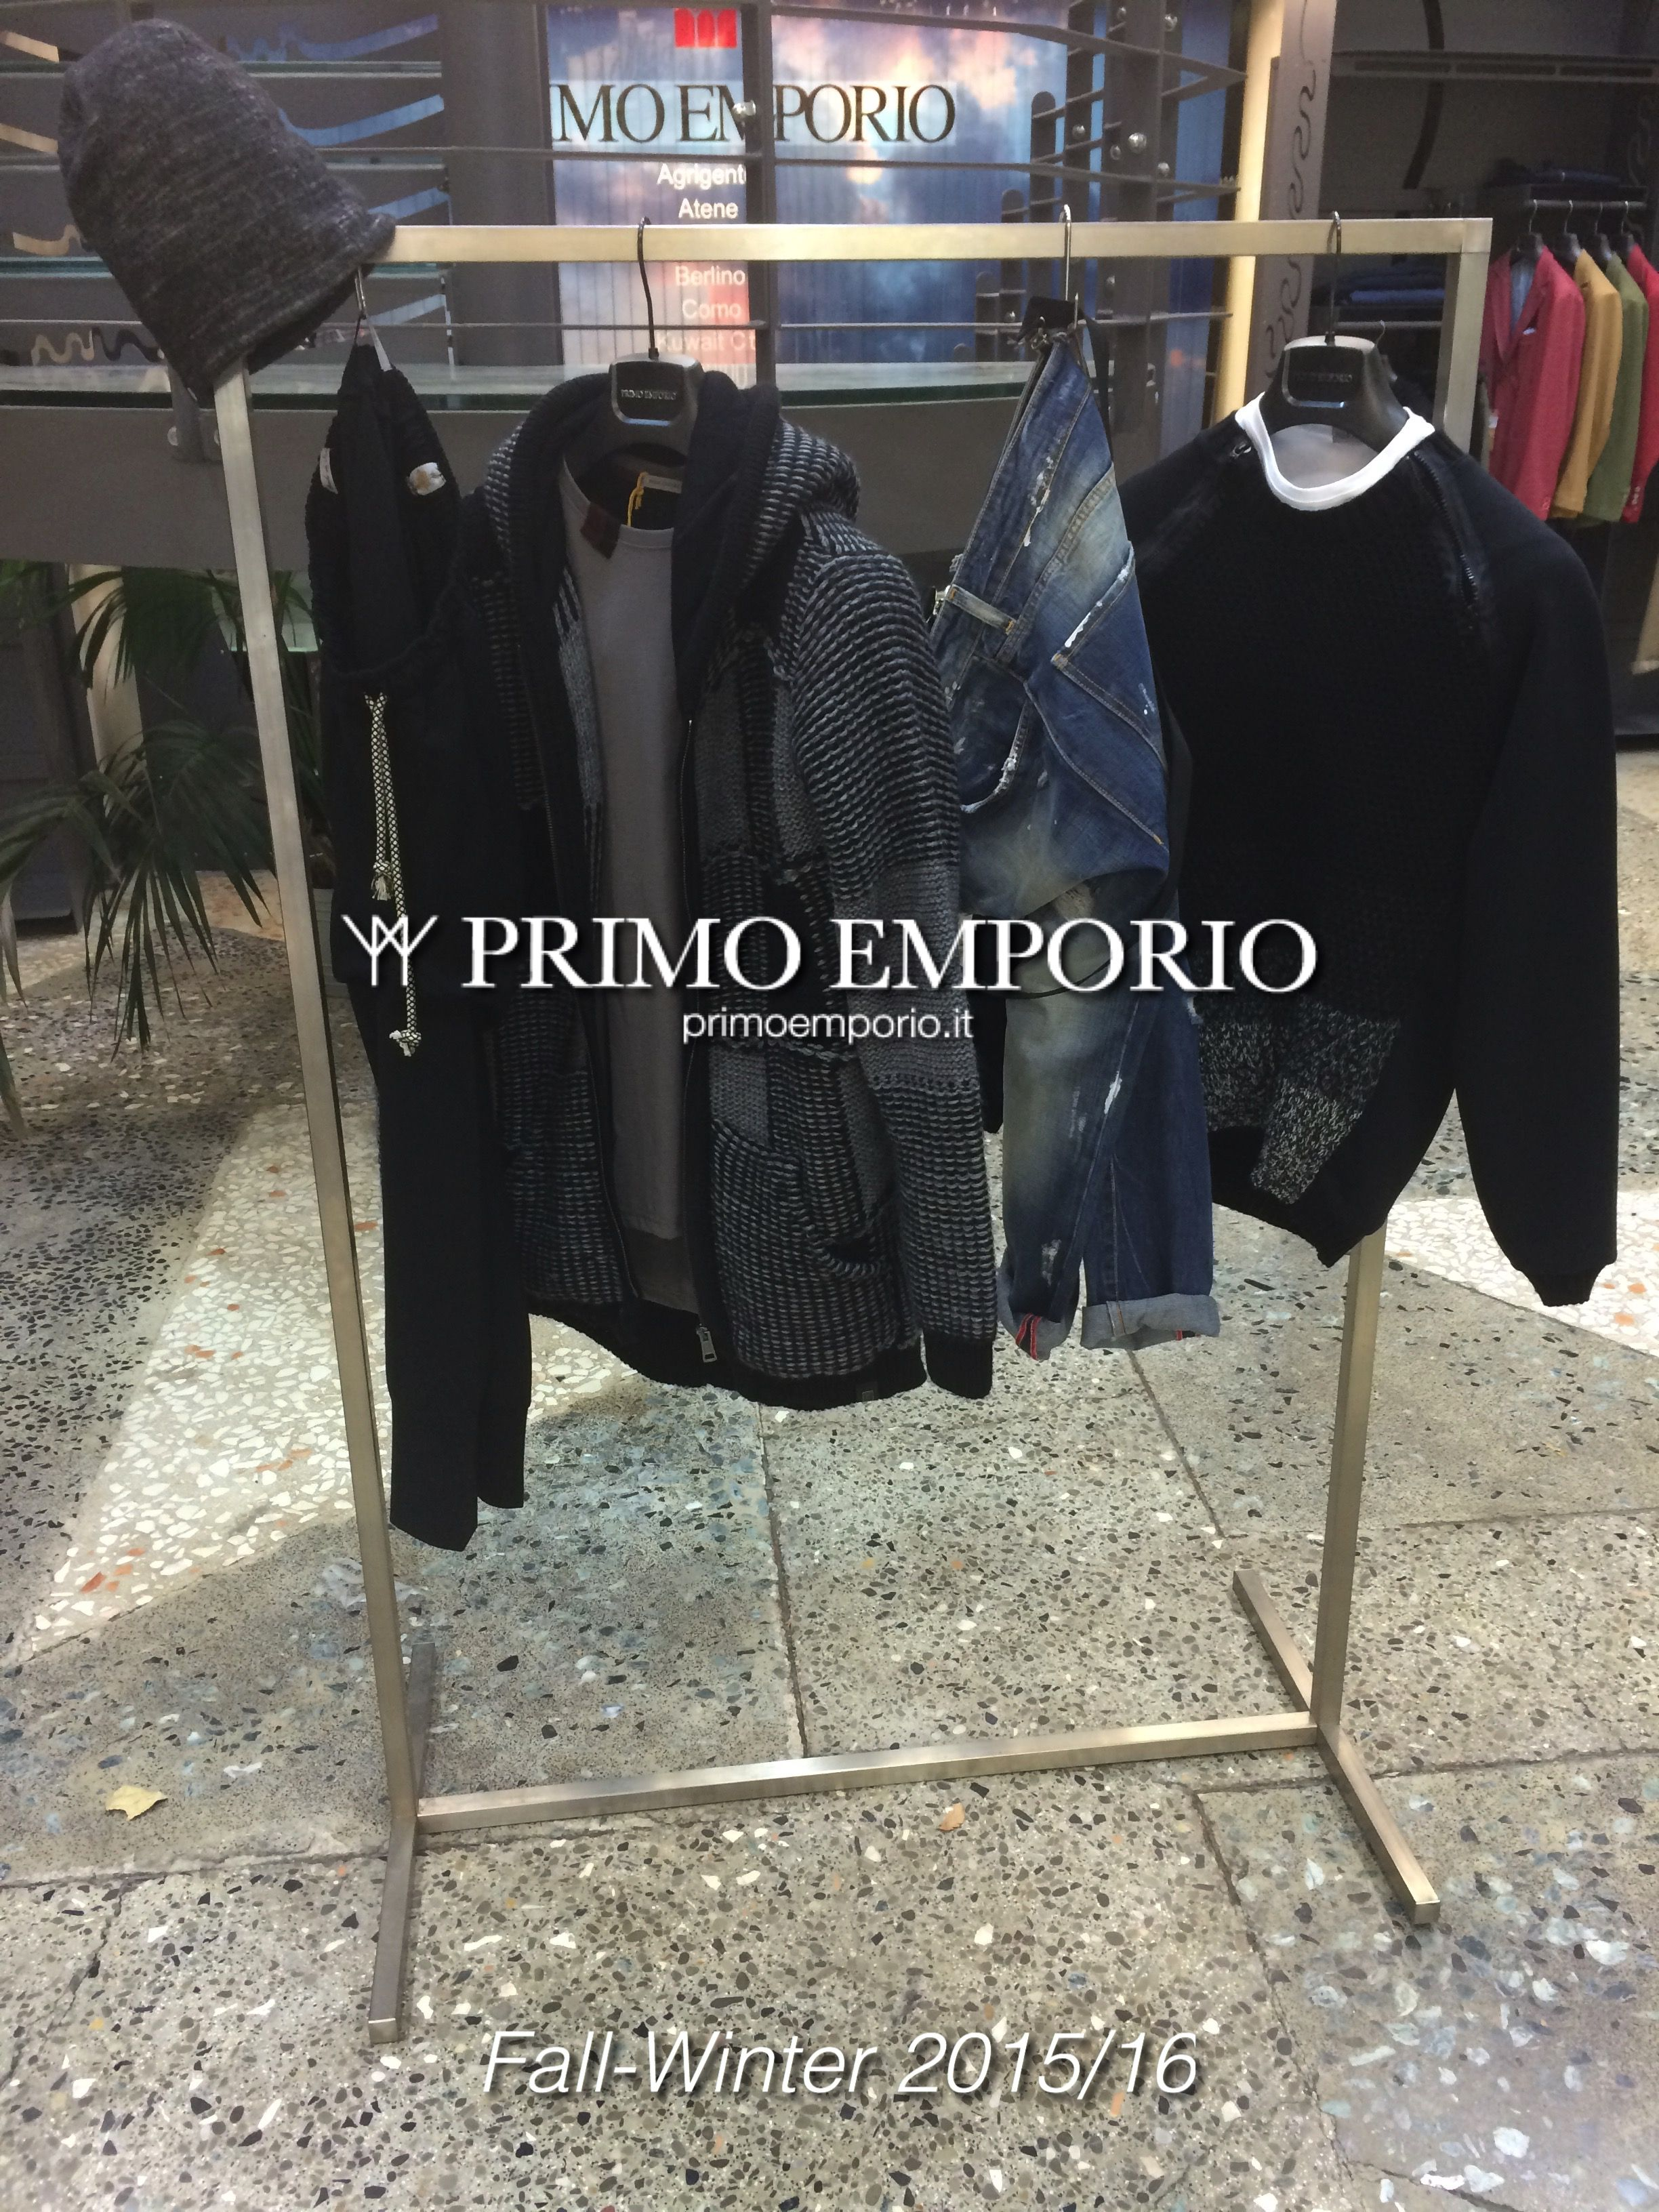 Previews Collection Winter   #primoemporio #fw16 #winter #collection #style #moda #ootd  www.primoemporio.it